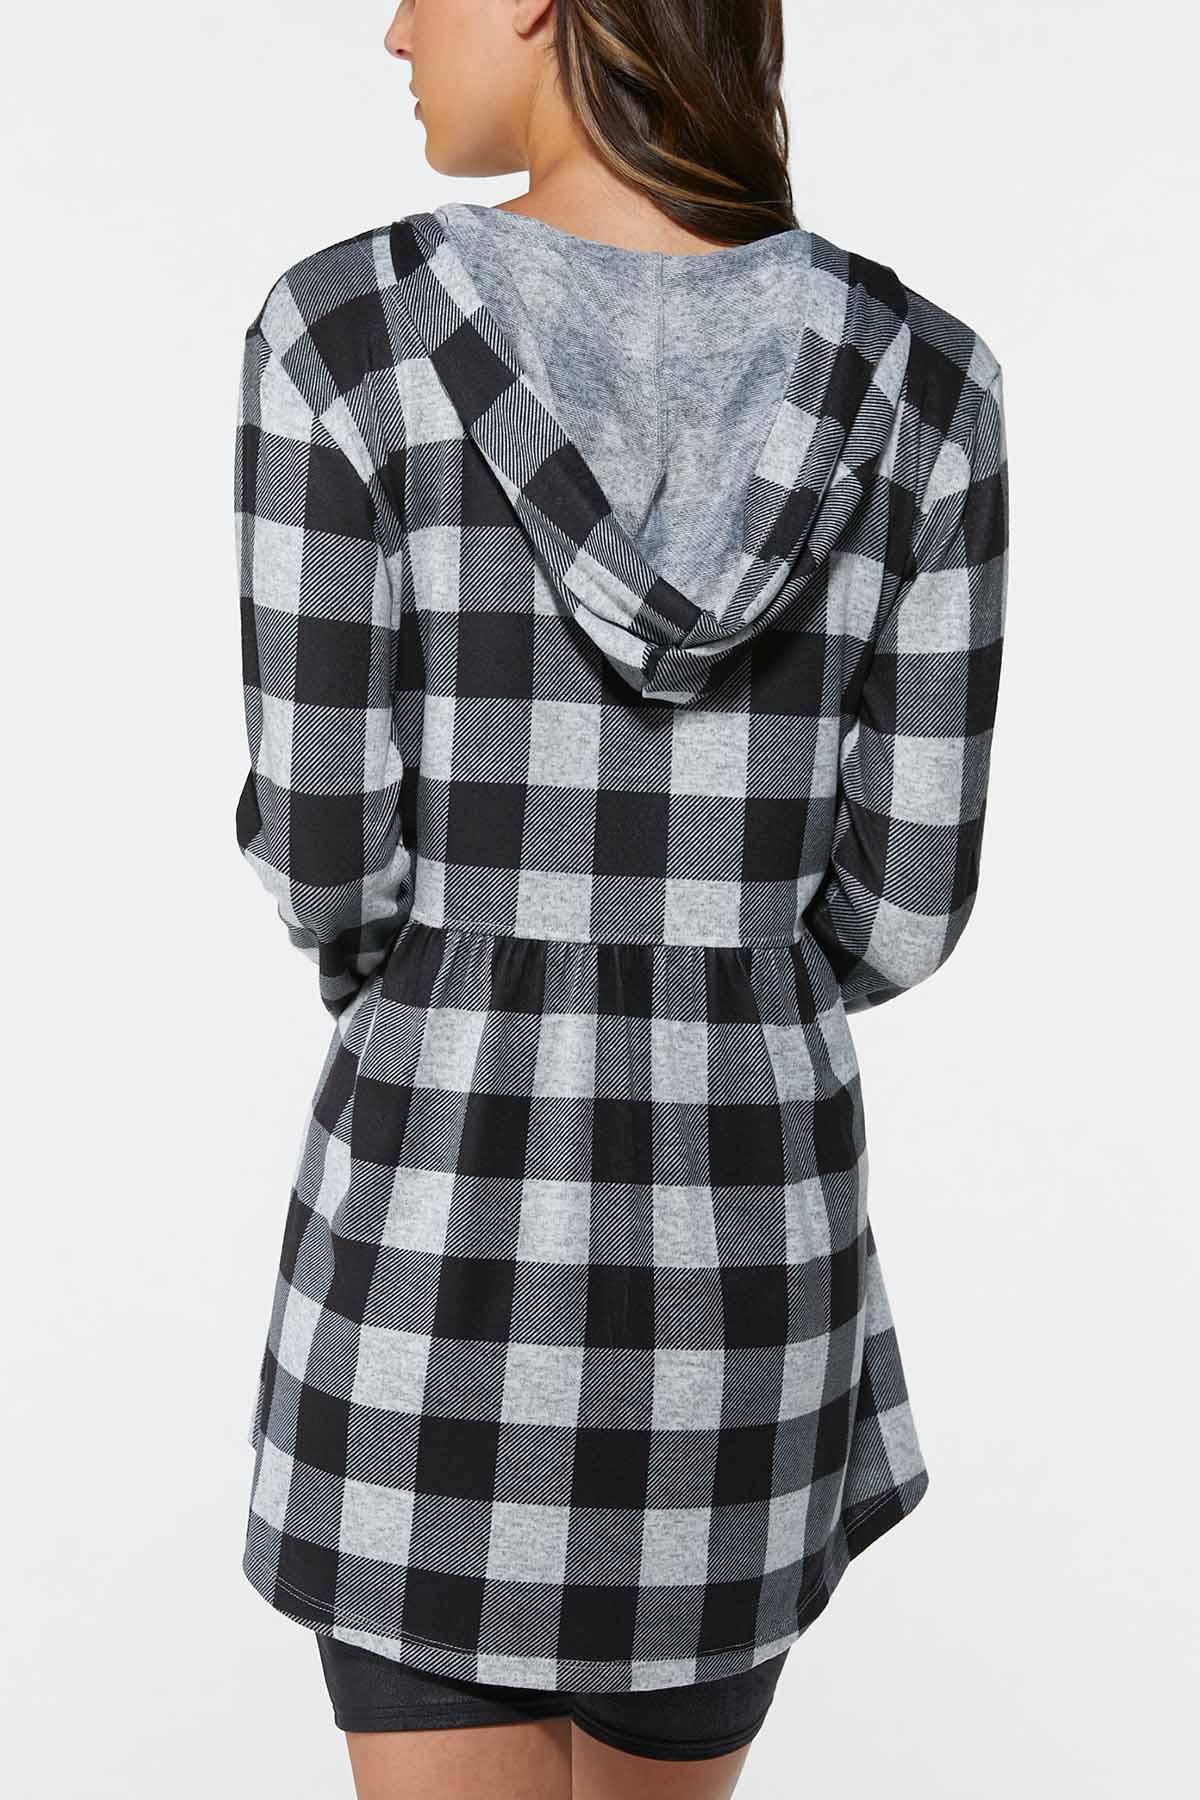 Plus Size Hooded Plaid Shirt (Item #44717576)